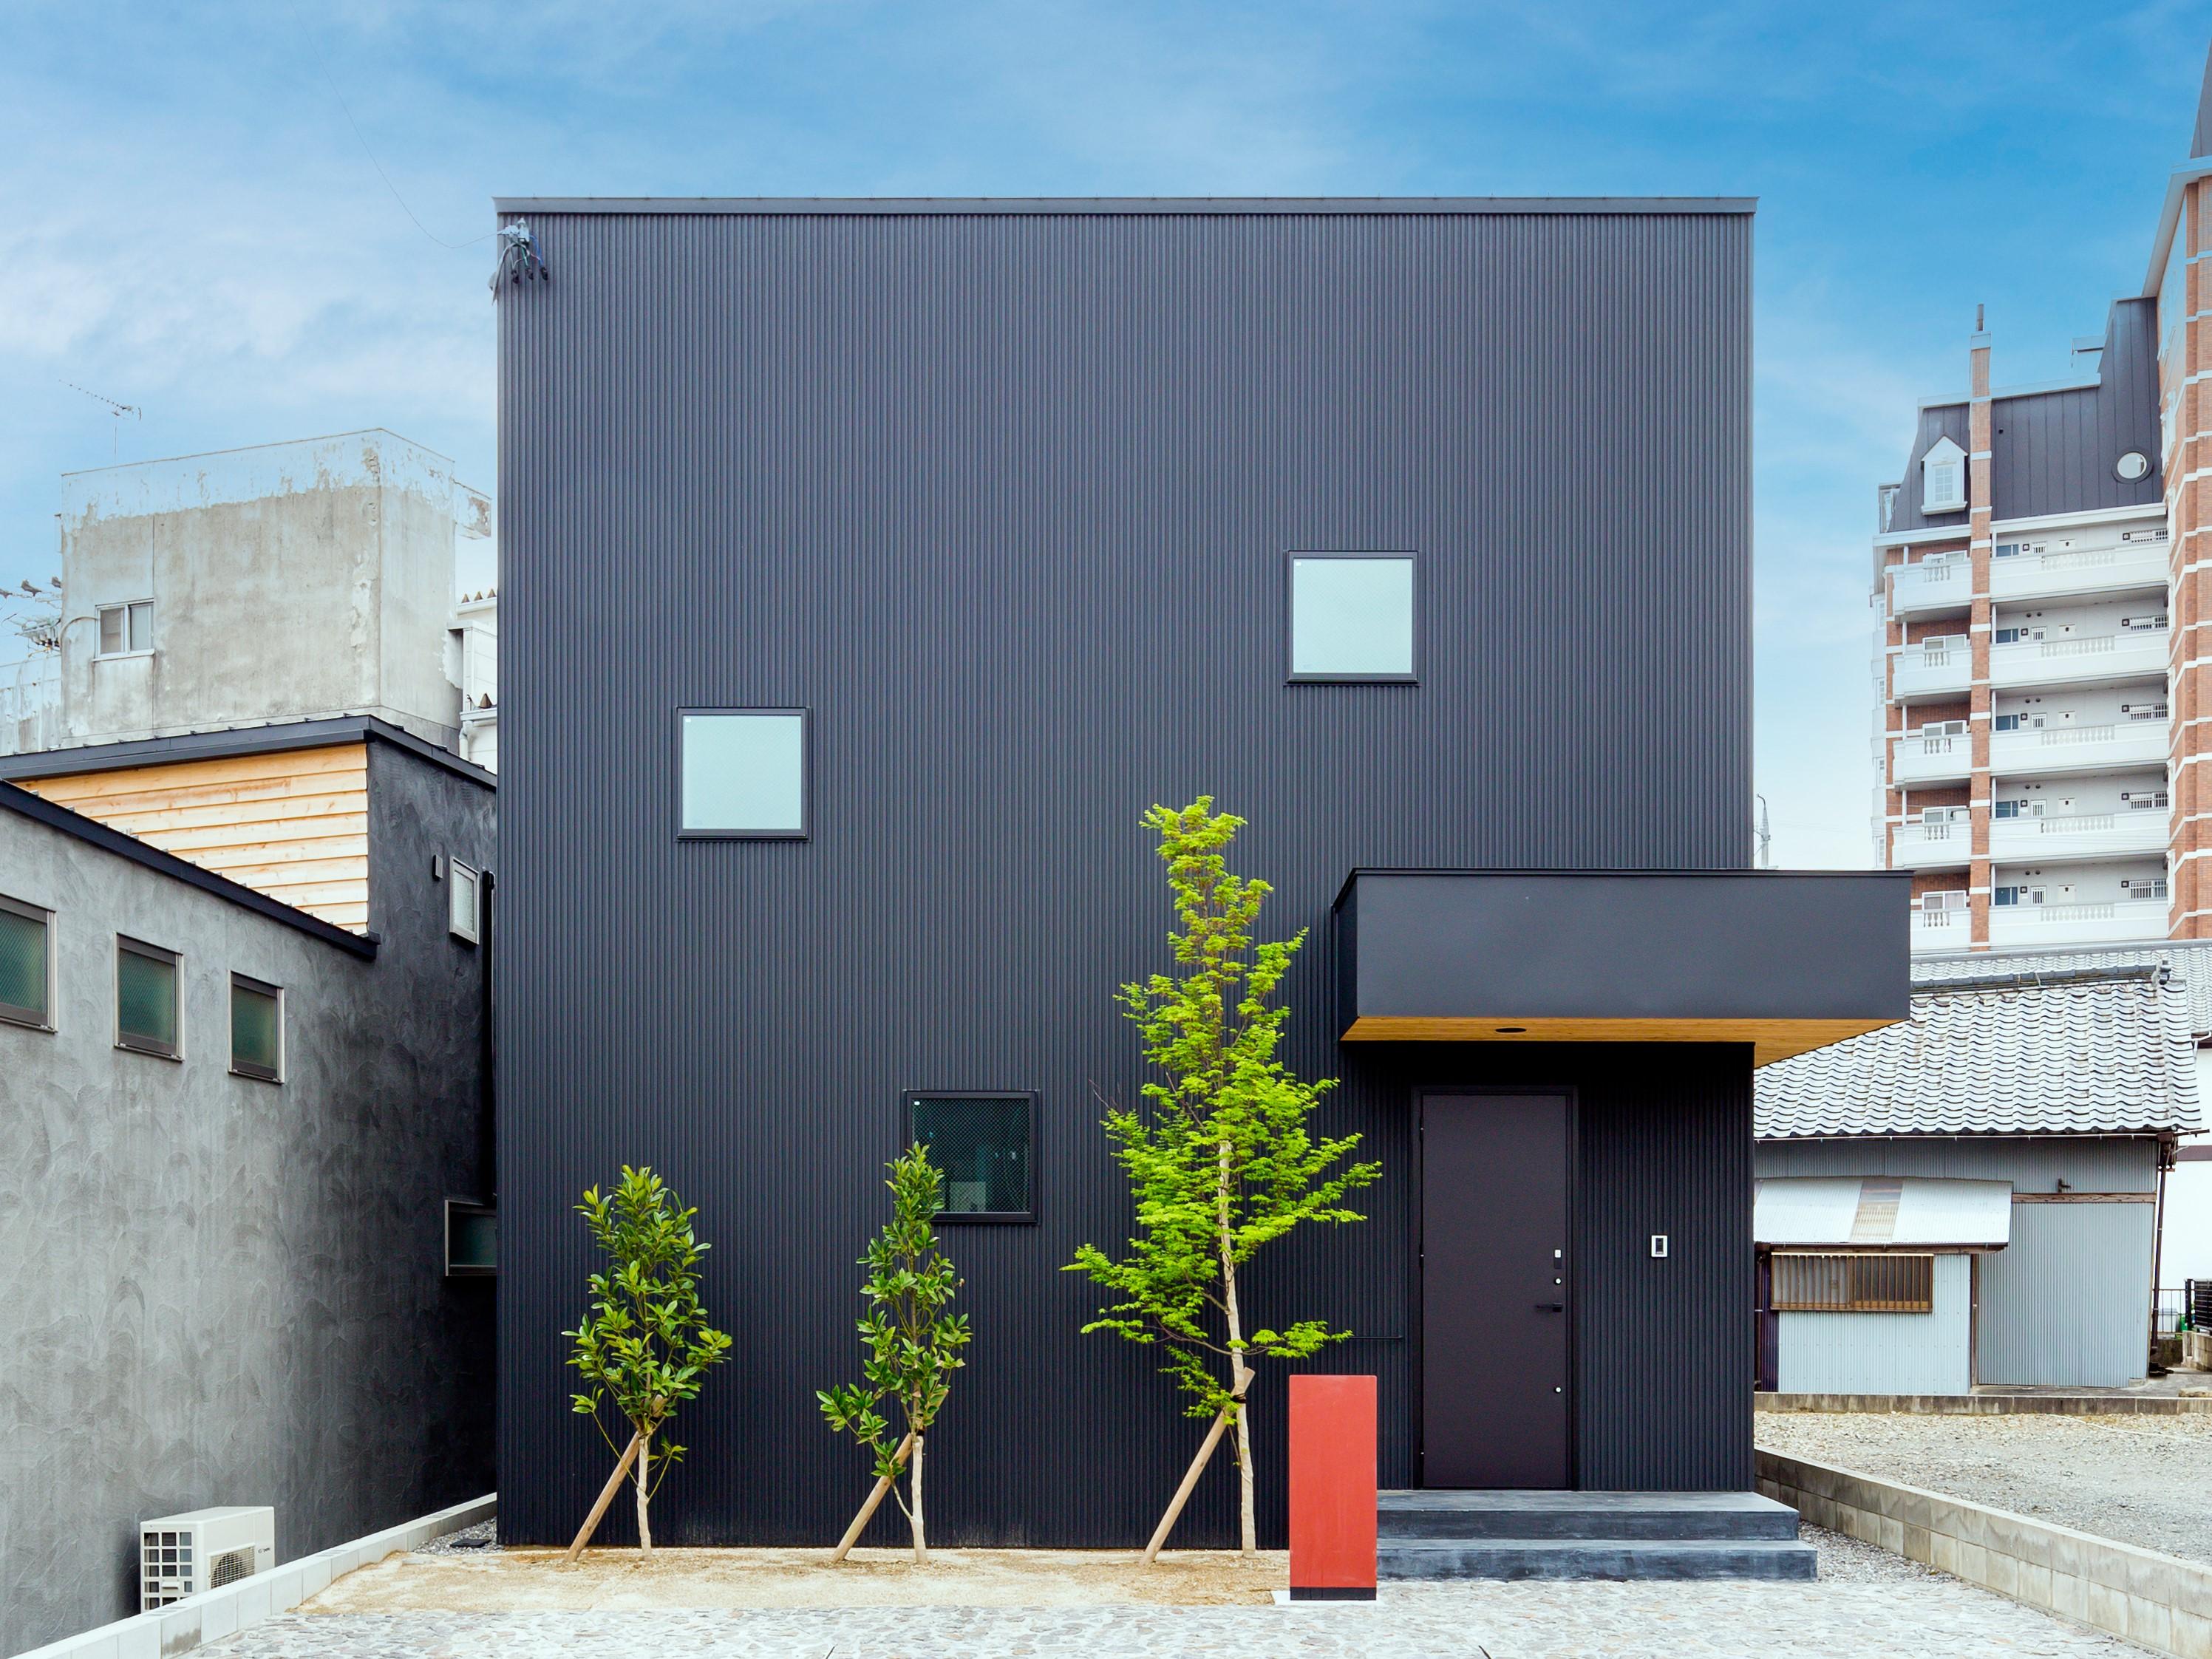 アトリエプラス【岡崎市井田町稲場2-1・モデルハウス】ダークブルーのガリバリウム鋼板の外壁。車を3台置けるスペースも等身大のファミリー向き